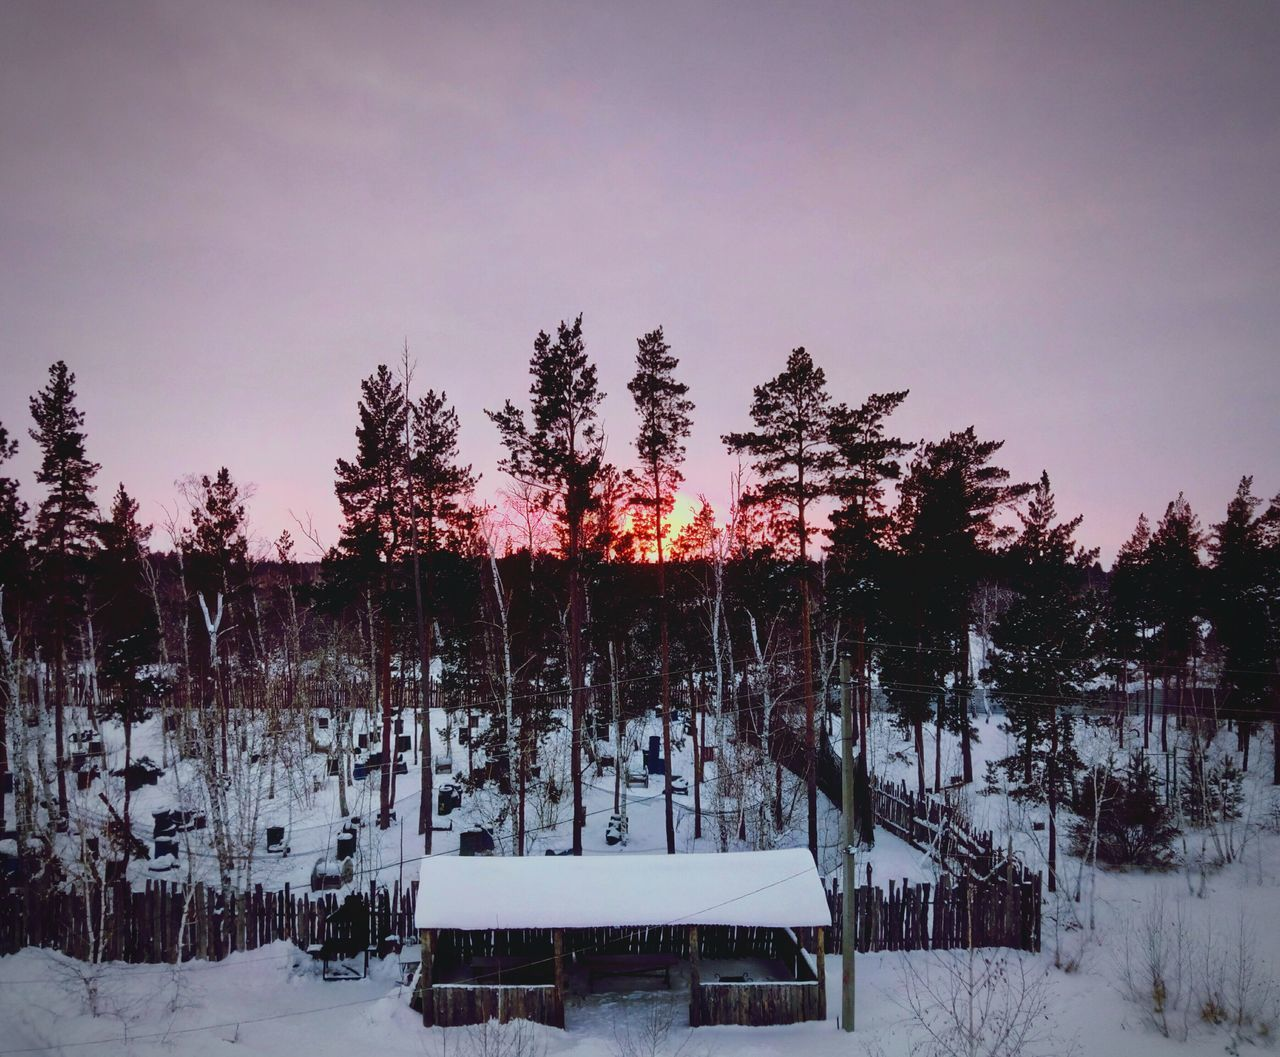 Костанай Kostanai Kostanay Kostanayfoto Kostanay City Лес Природа Зимний лес зимнийзакат Закат закатзимой Forest Wood Winter Sunset Wintersunset Sunsetwinters